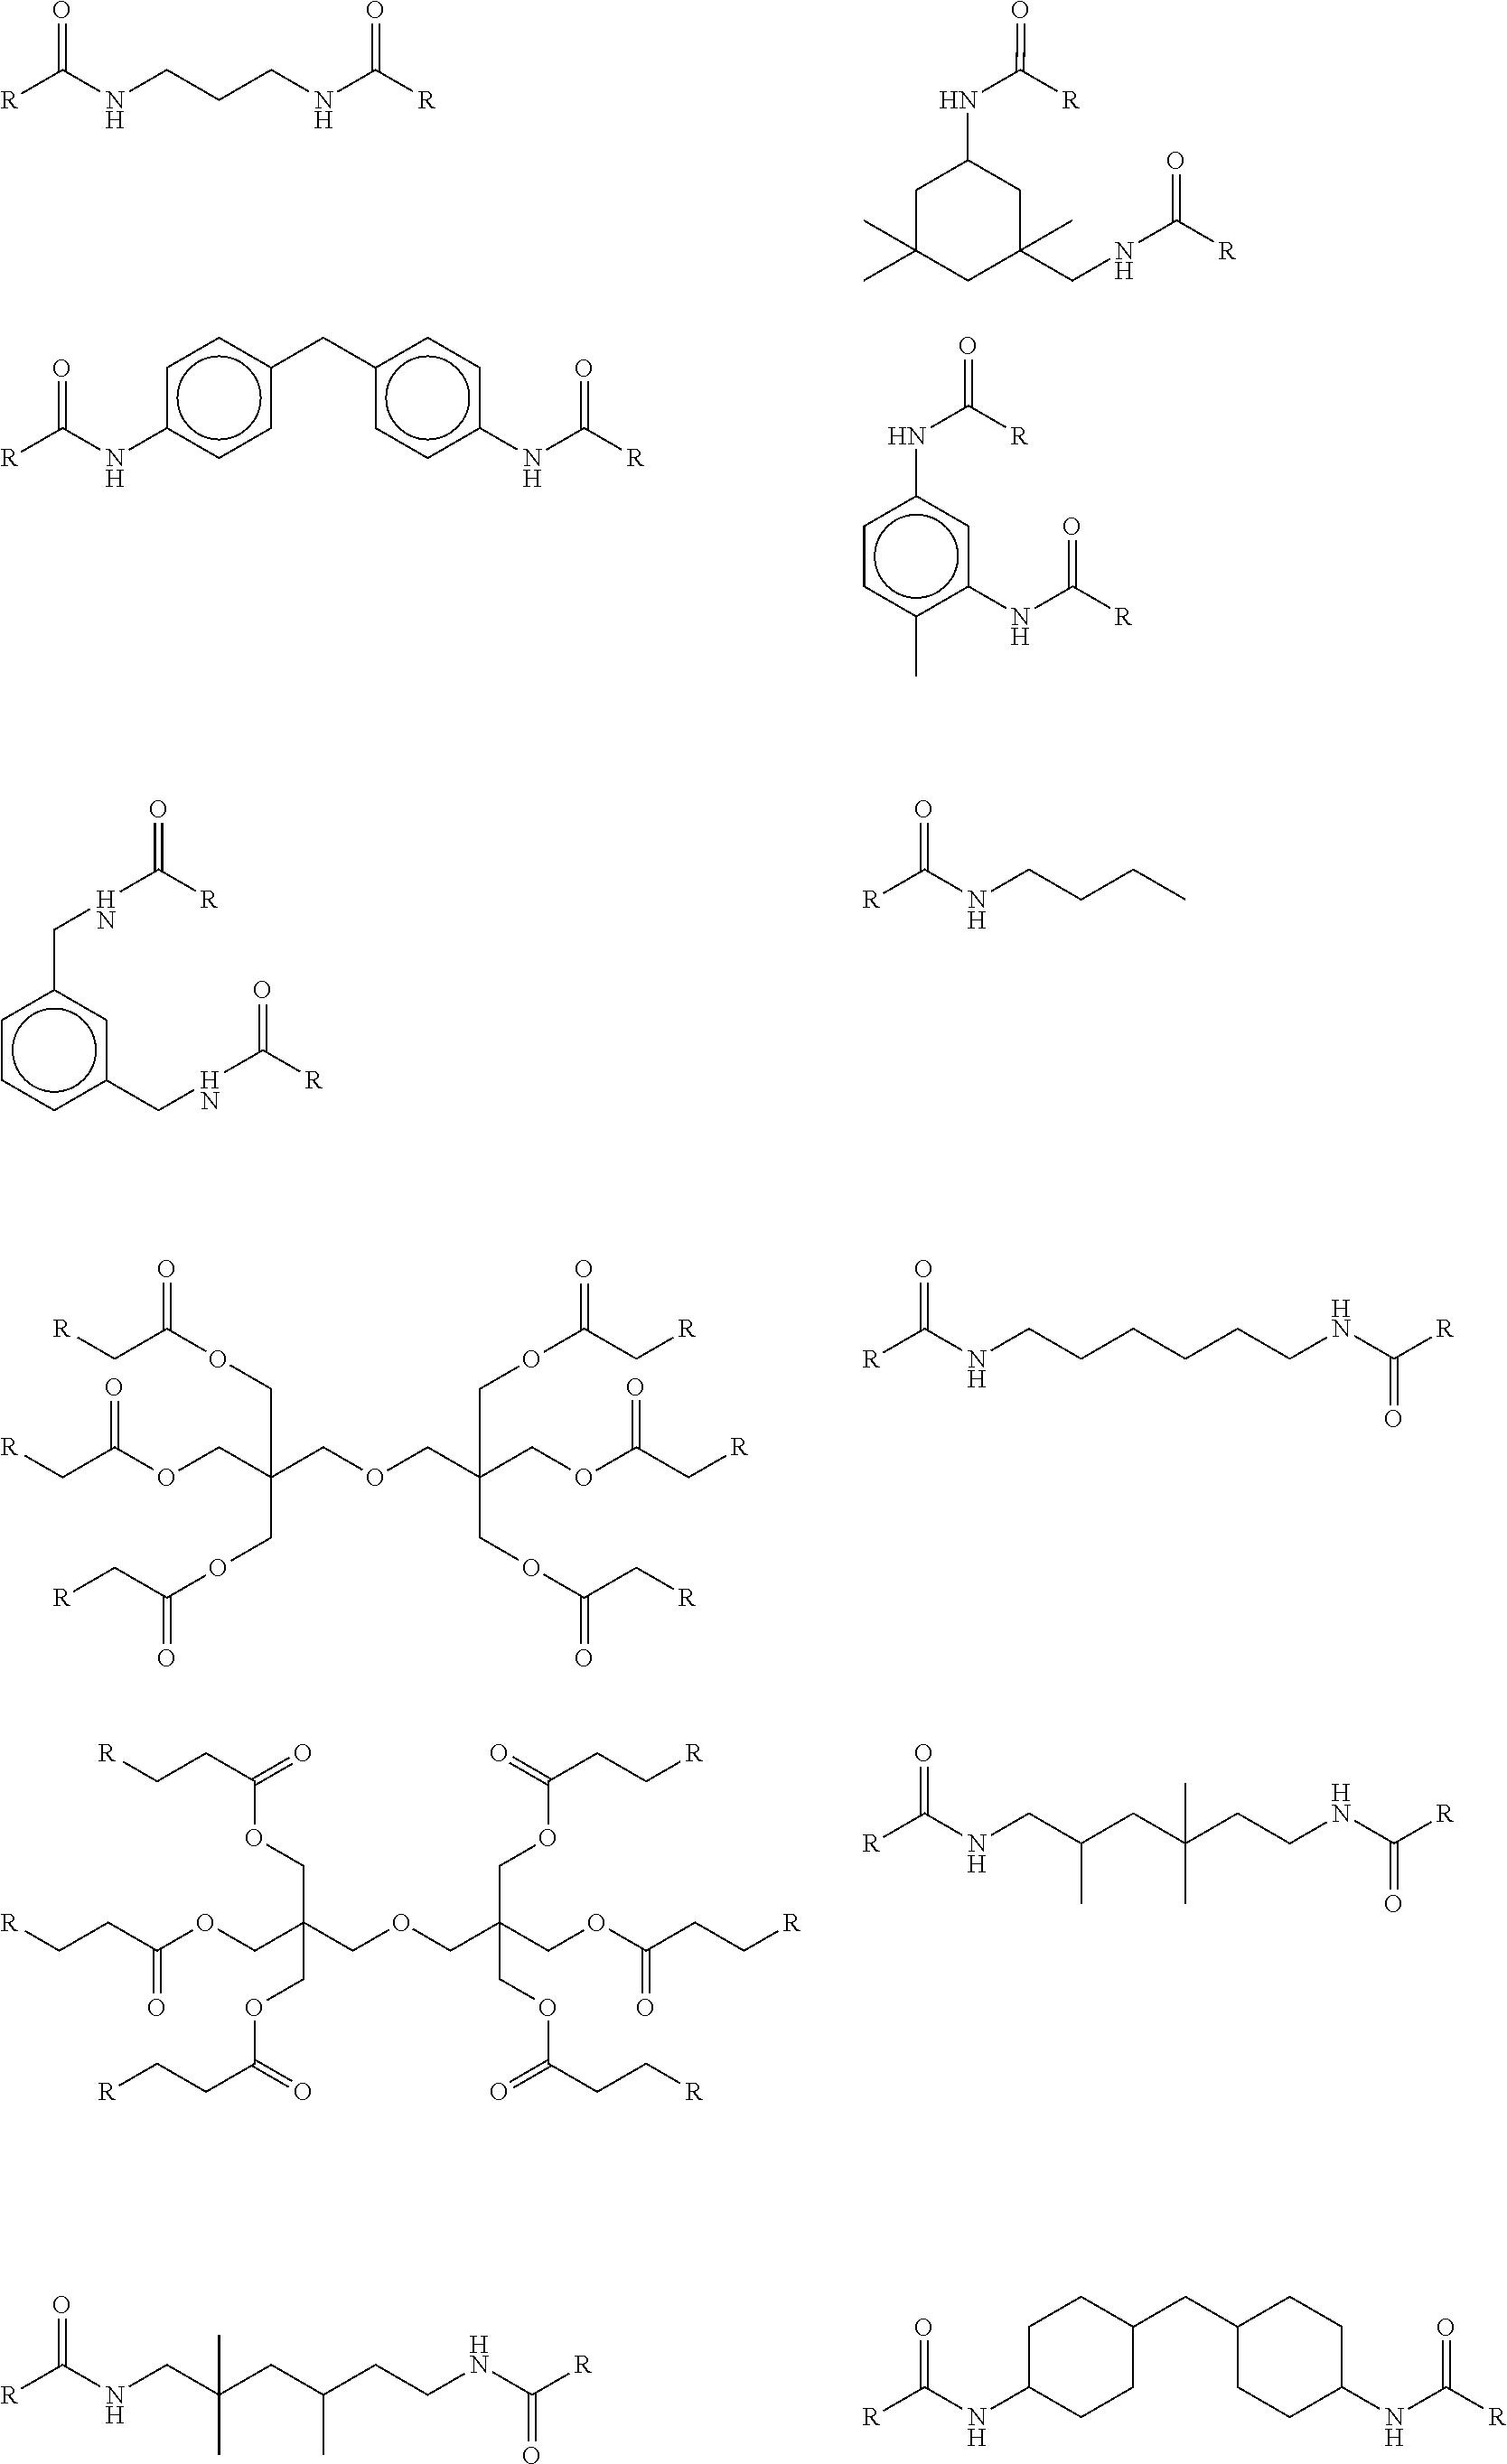 Figure US20110311776A1-20111222-C00002